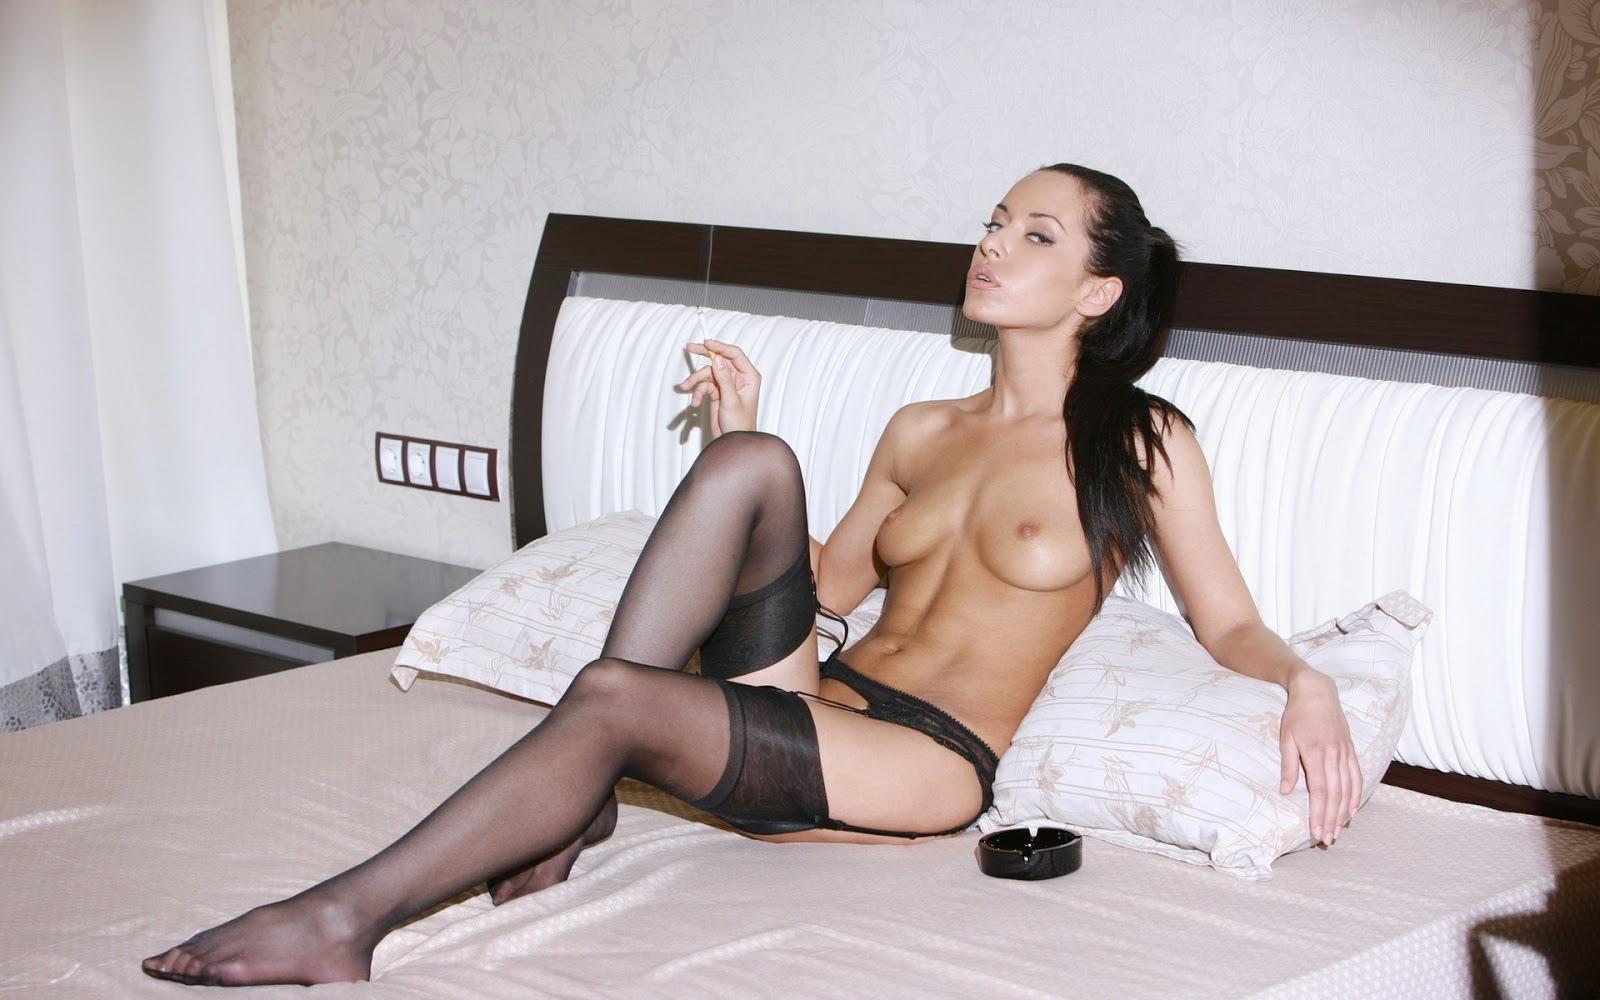 Порно голые женщины одевают чулки фото знакомство москва девушки